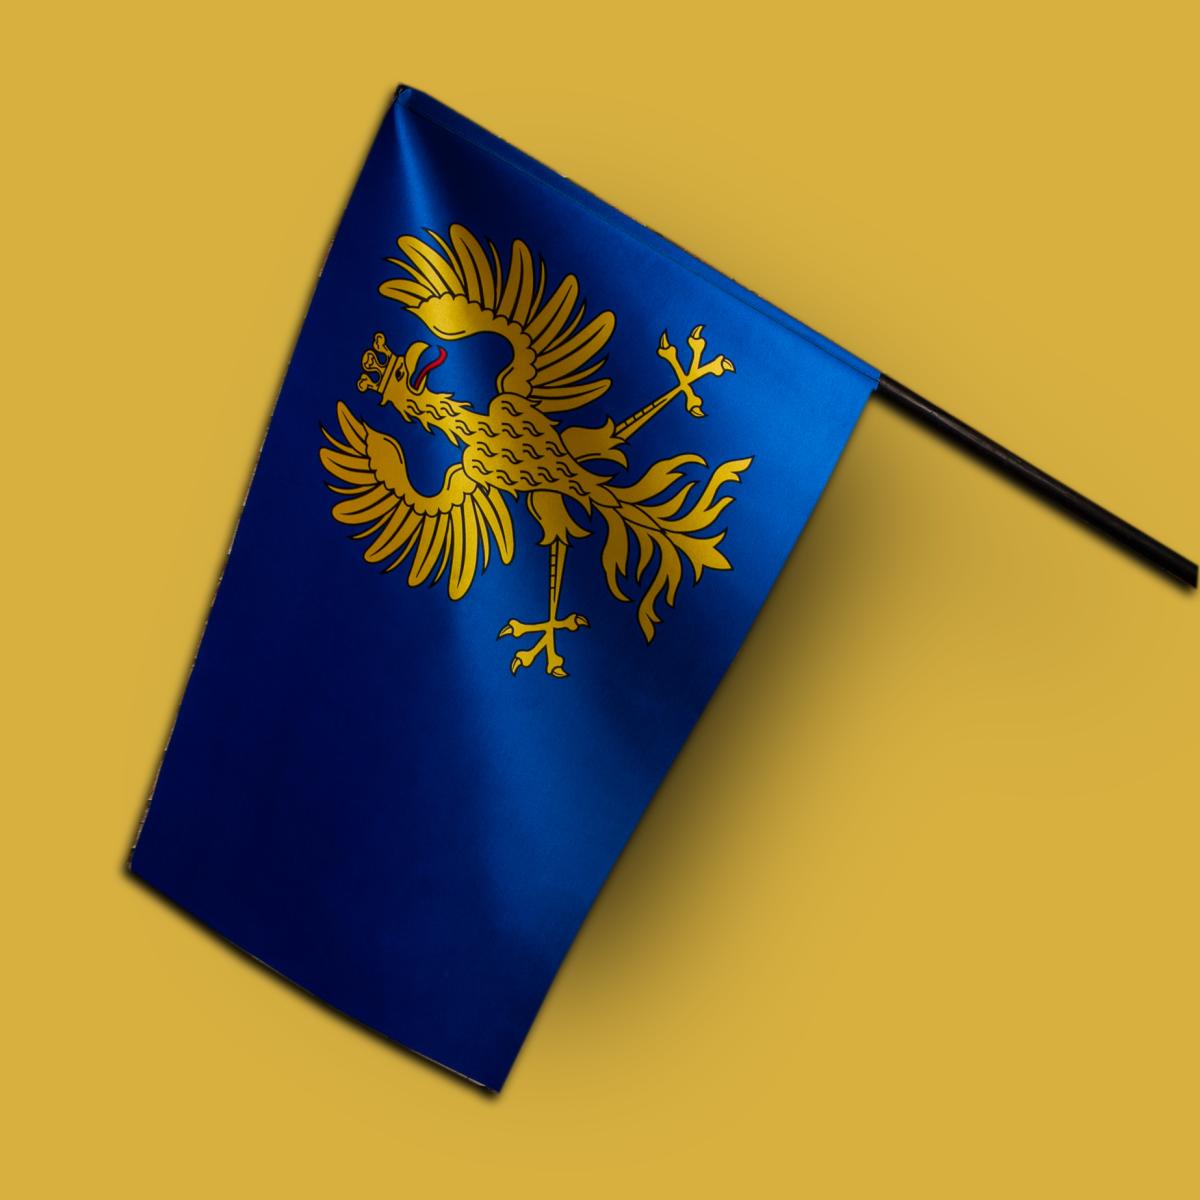 Flaga Księstwa Cieszyńskiego satynowa prestige